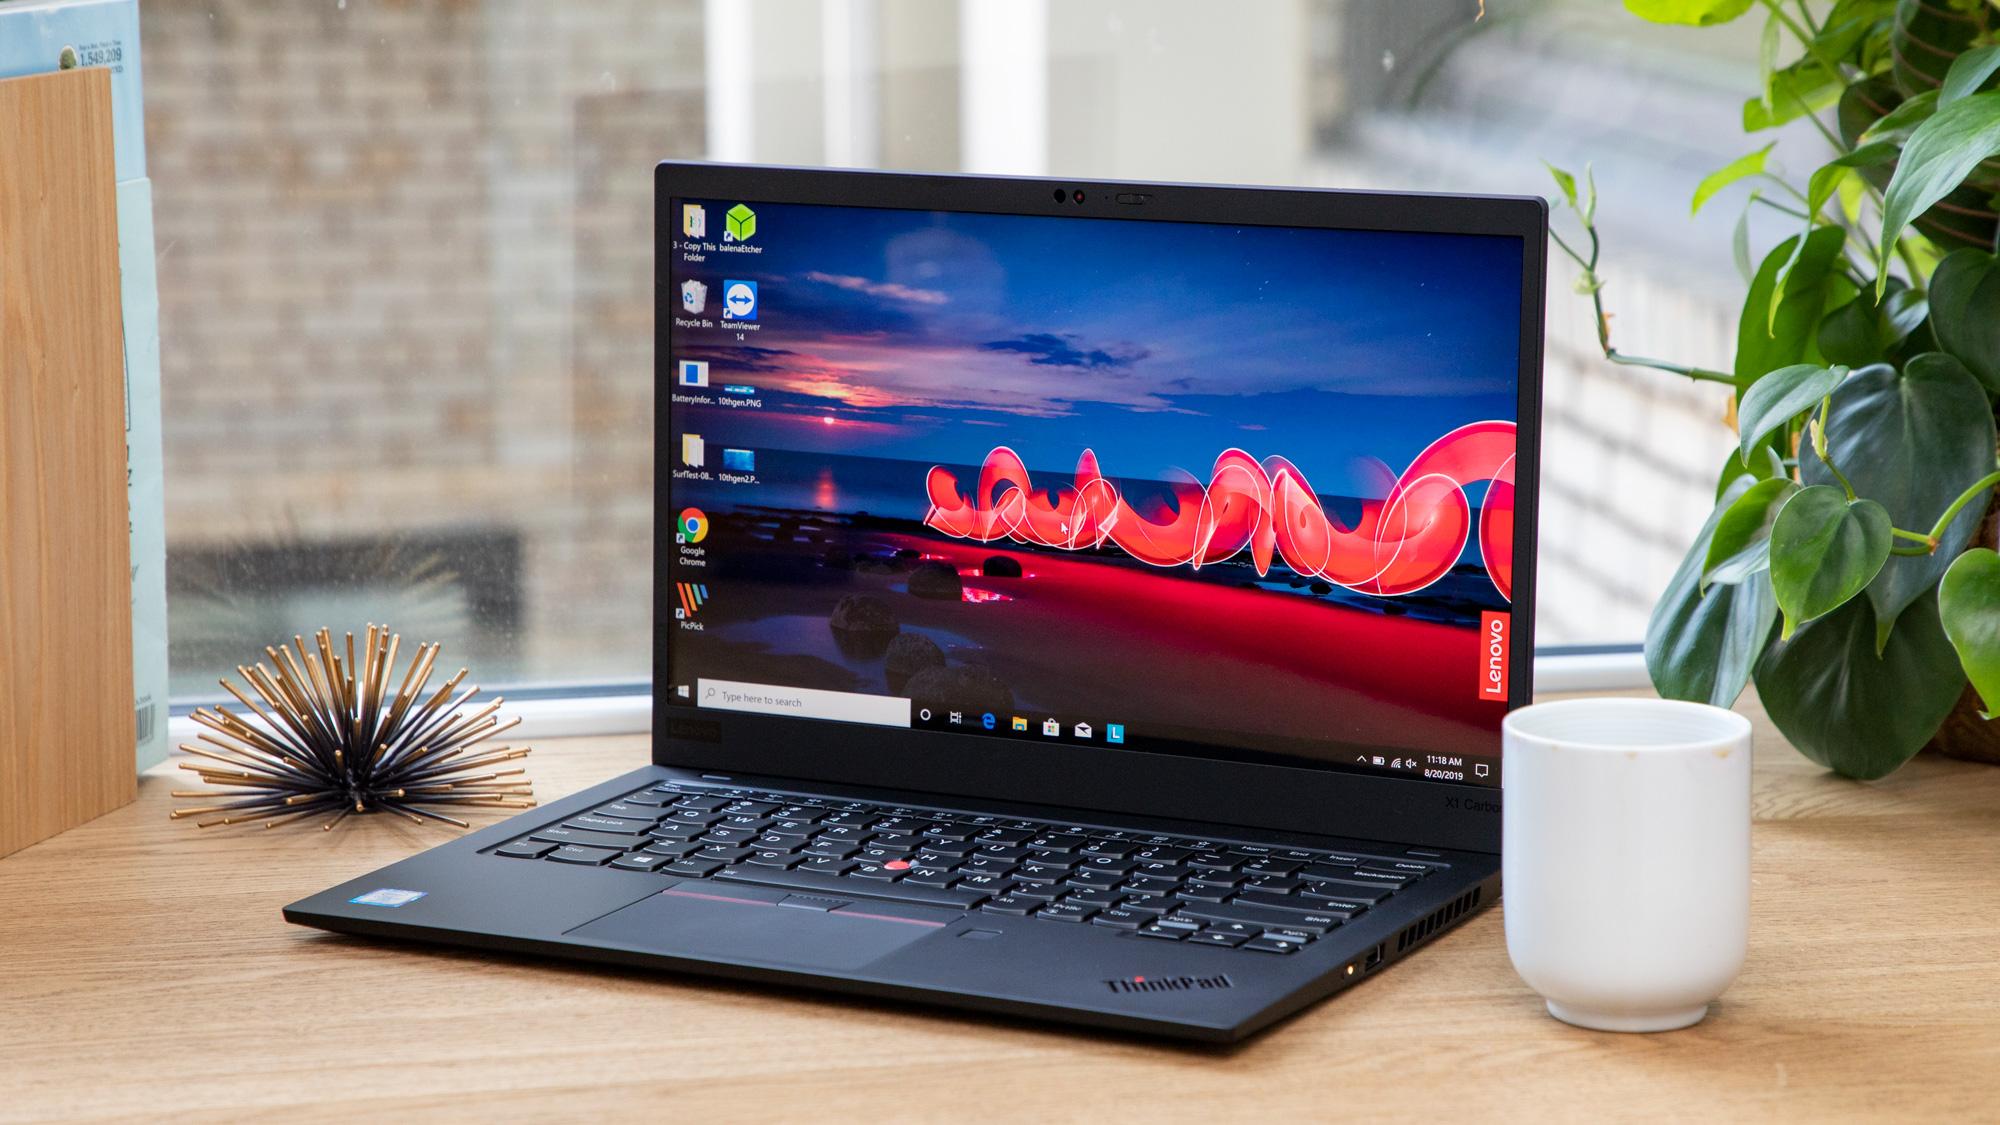 фото Как выглядит ноутбук до 15 000 рублей